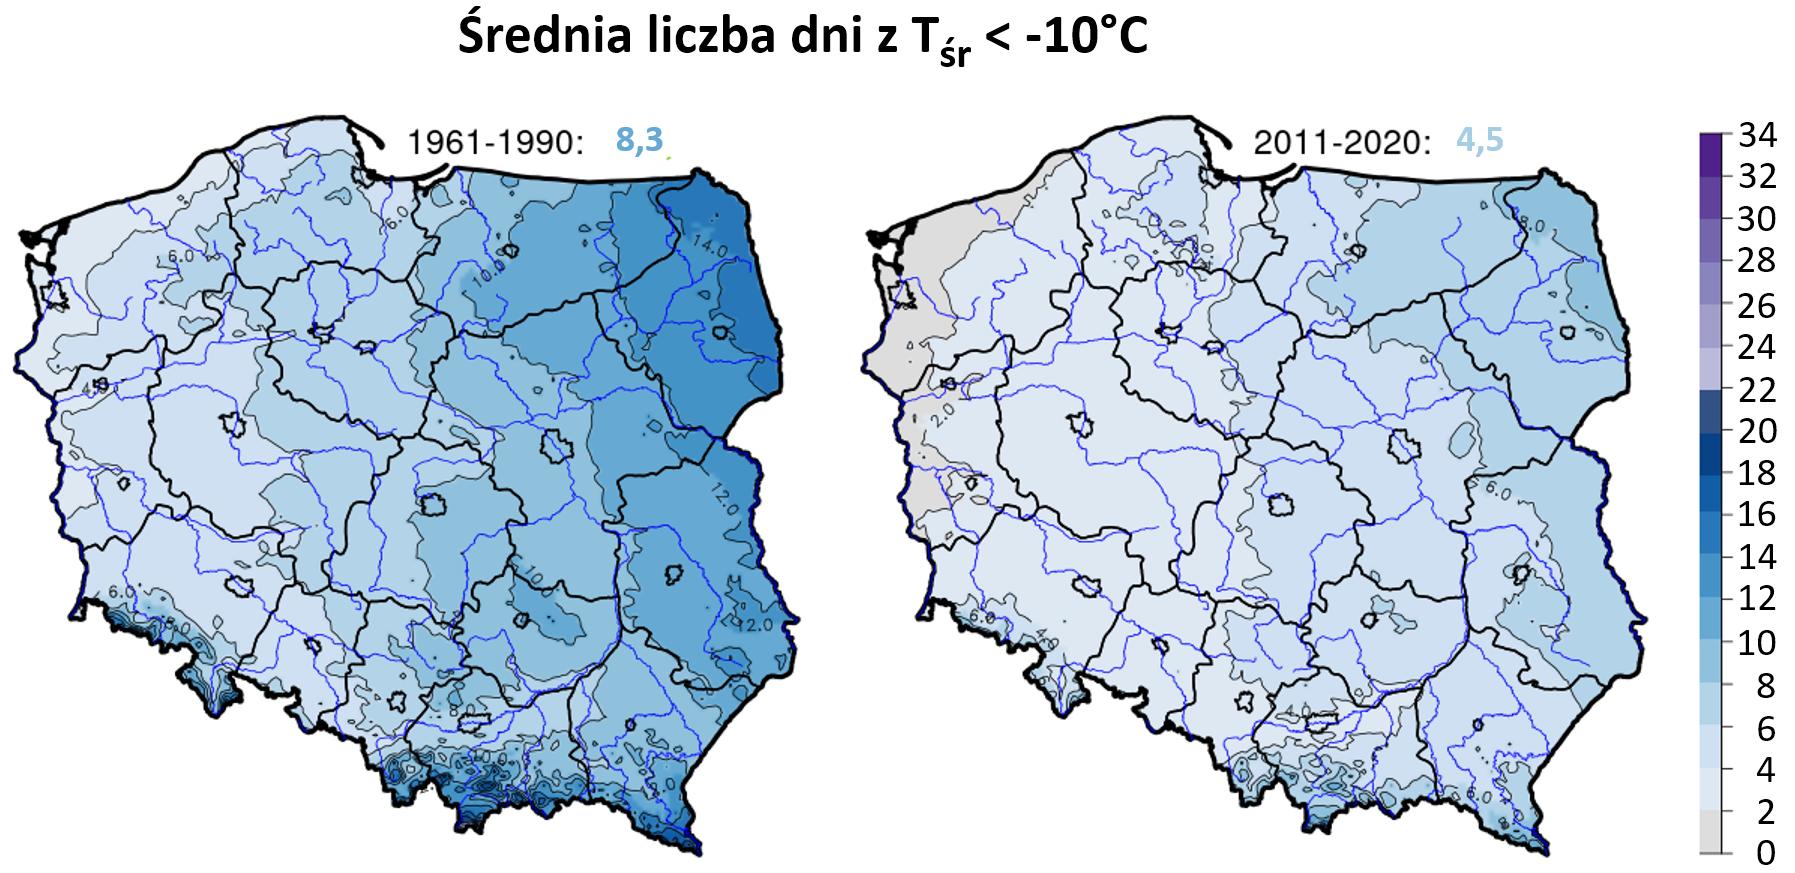 Po lewej: liczba dni ze średnia temperaturą dobową < -10°C w okresie 1961-1990, po prawej w latach 2011-2020